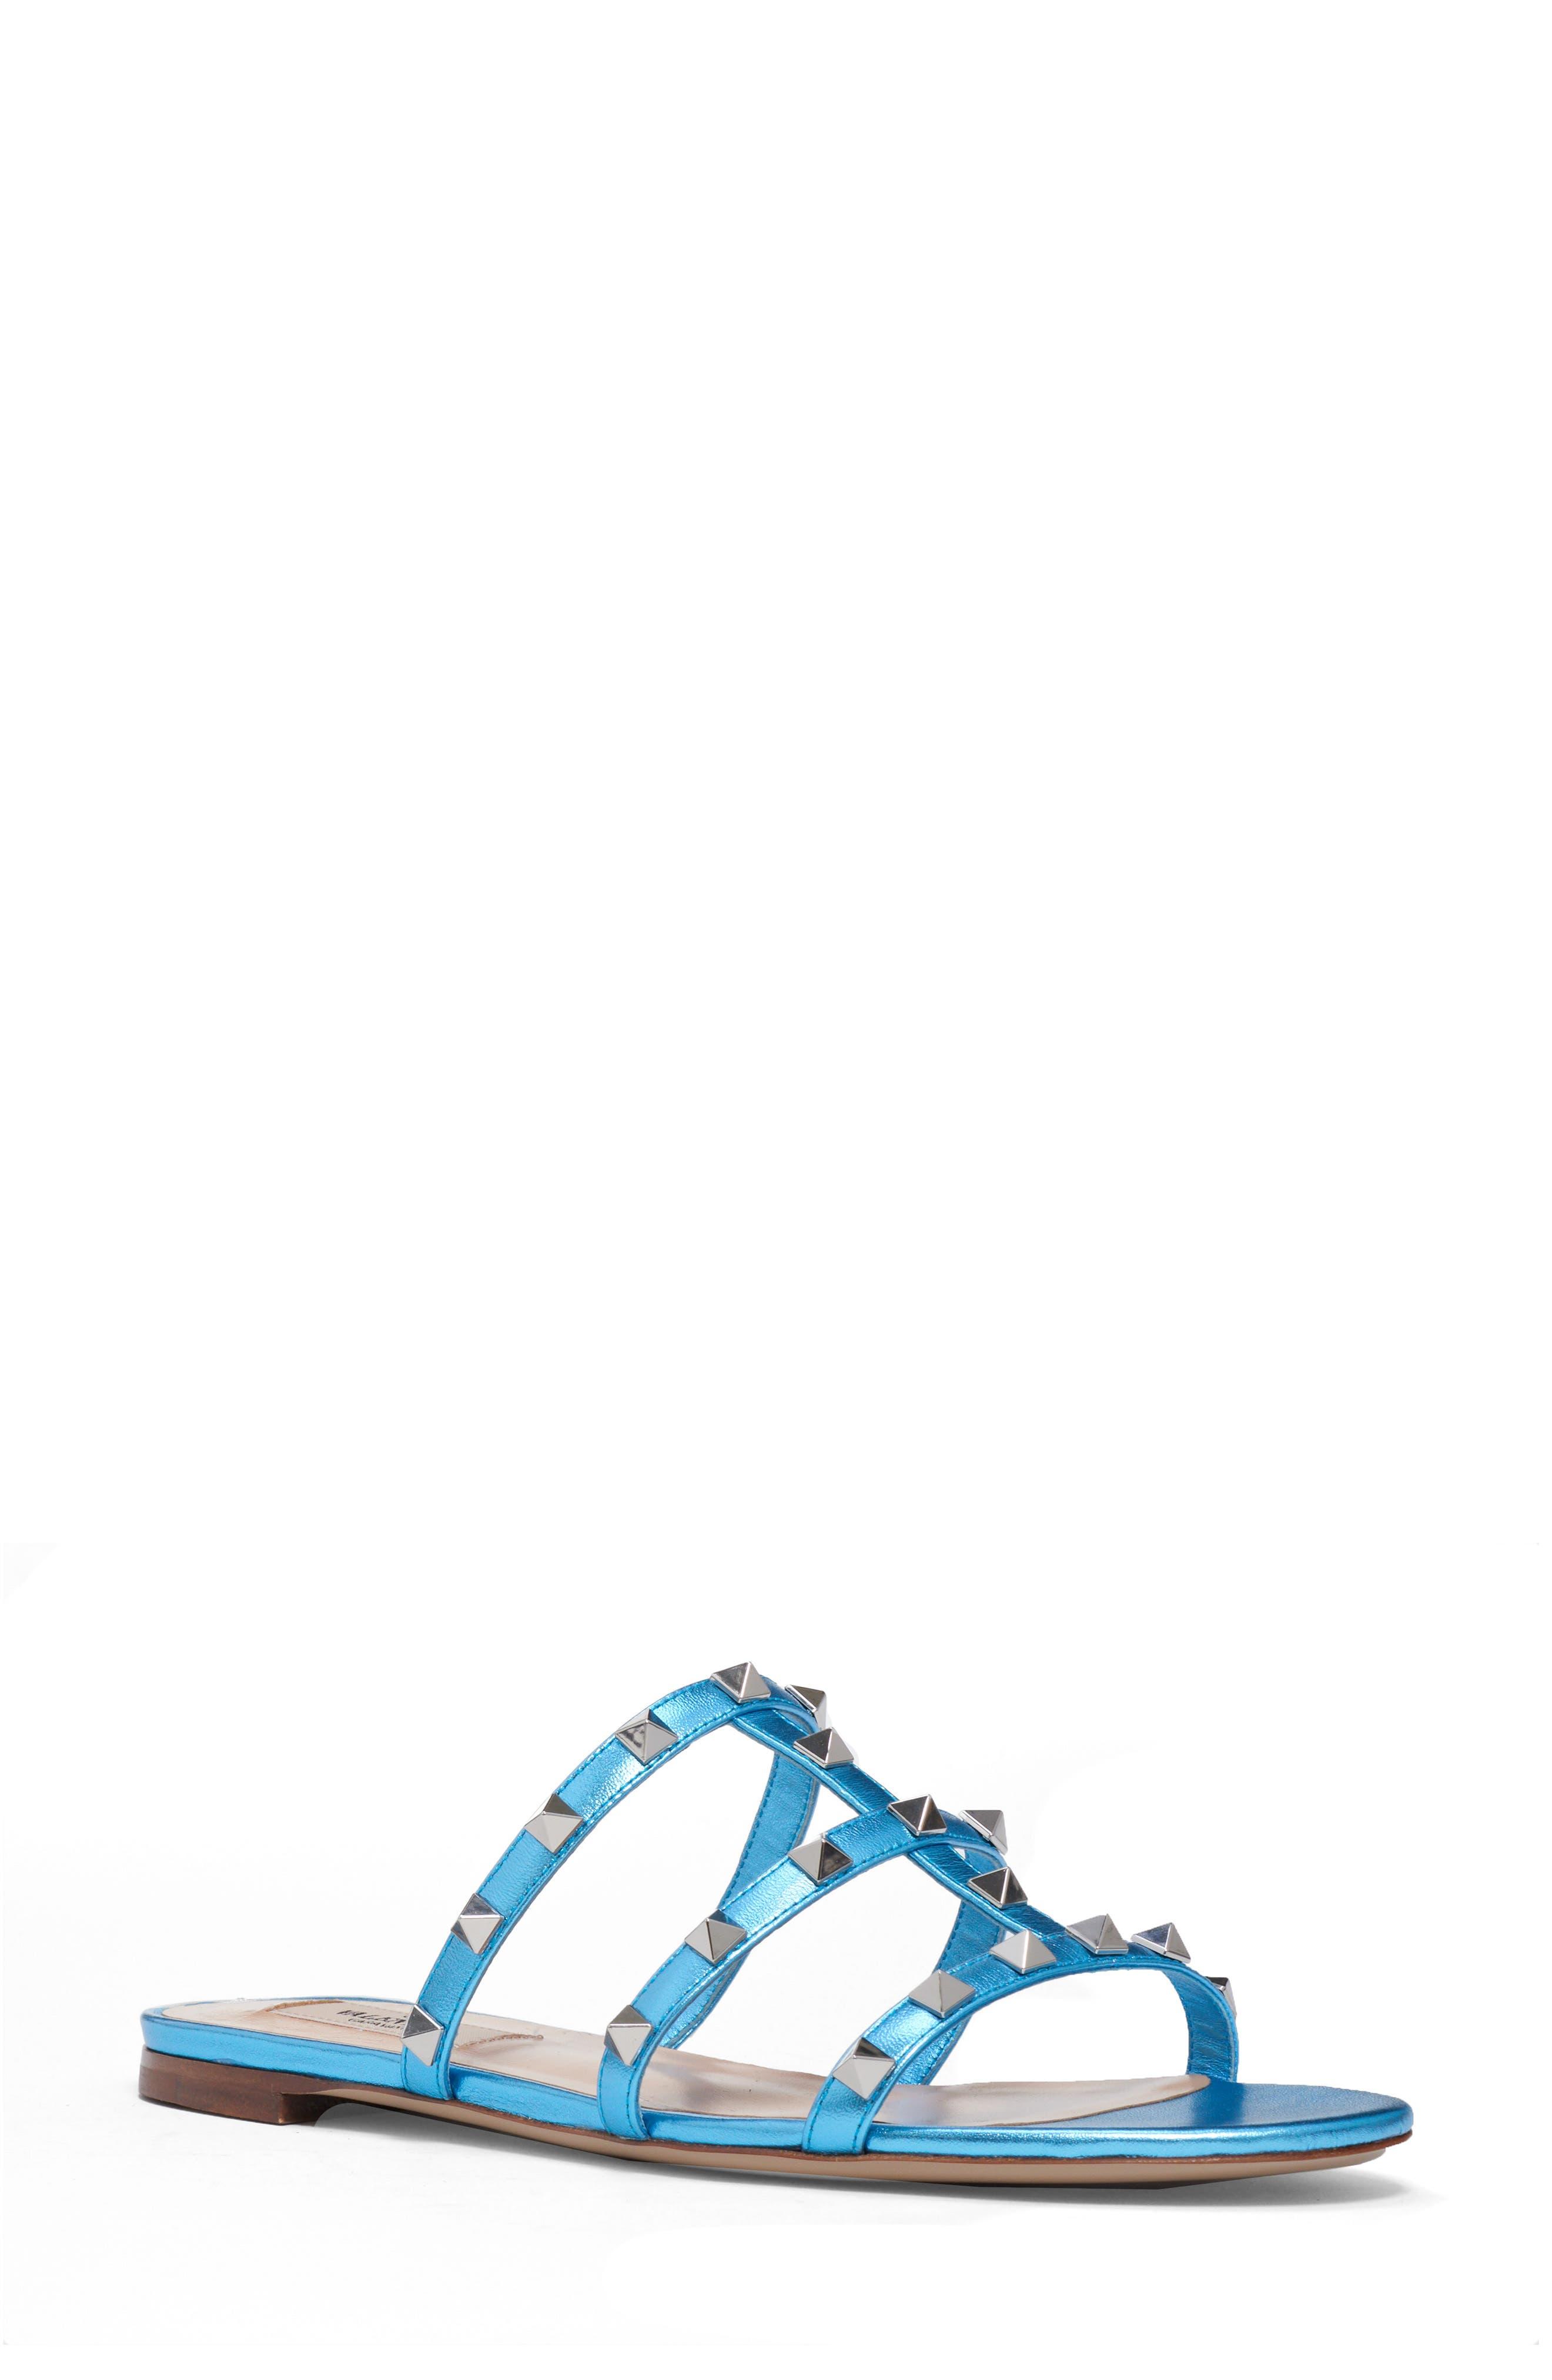 Image of VALENTINO GARAVANI Rockstud Slide Sandal